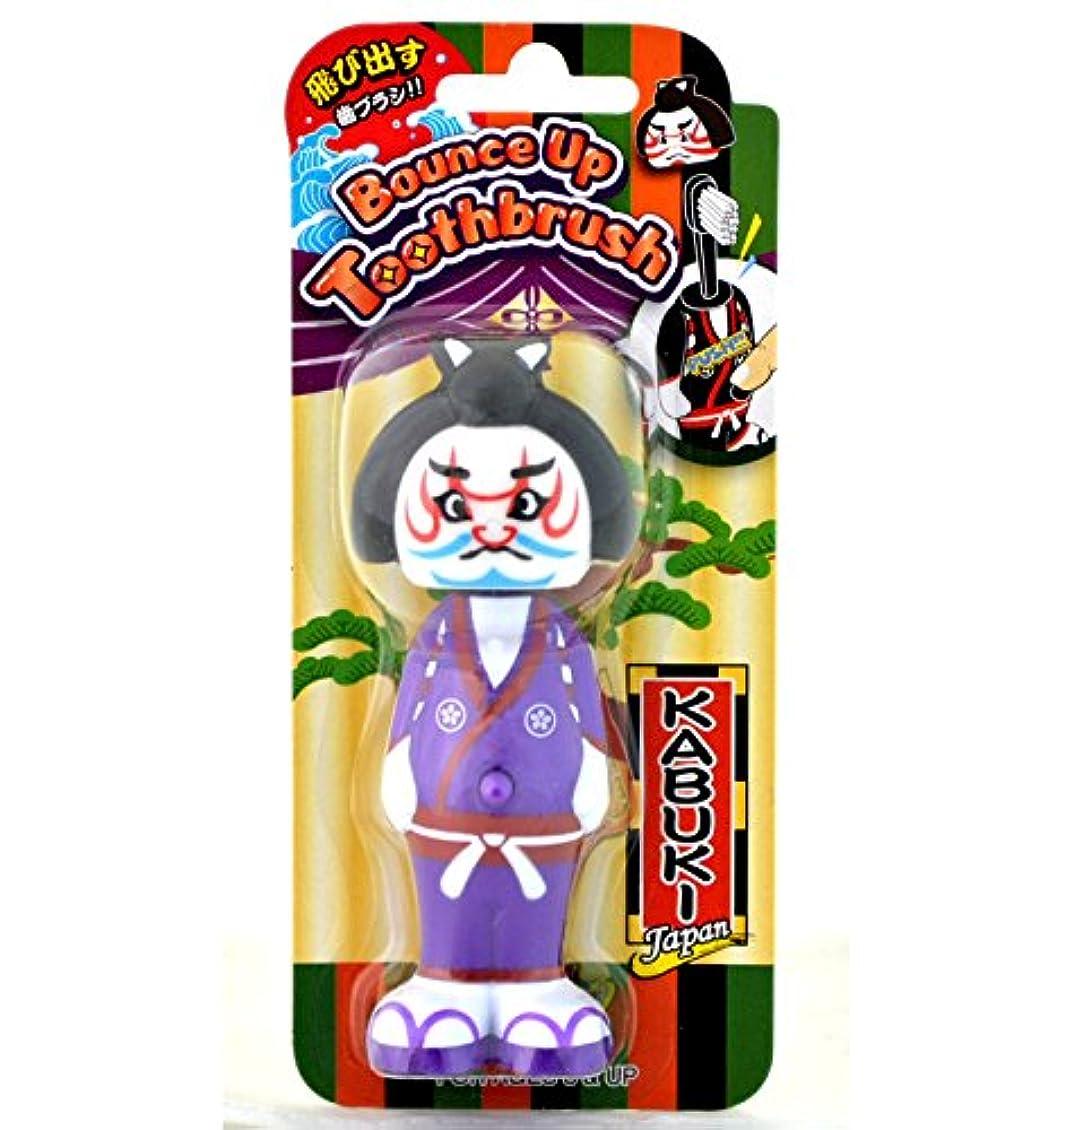 国本能罰バウンスアップ歯ブラシ 歌舞伎 パープル